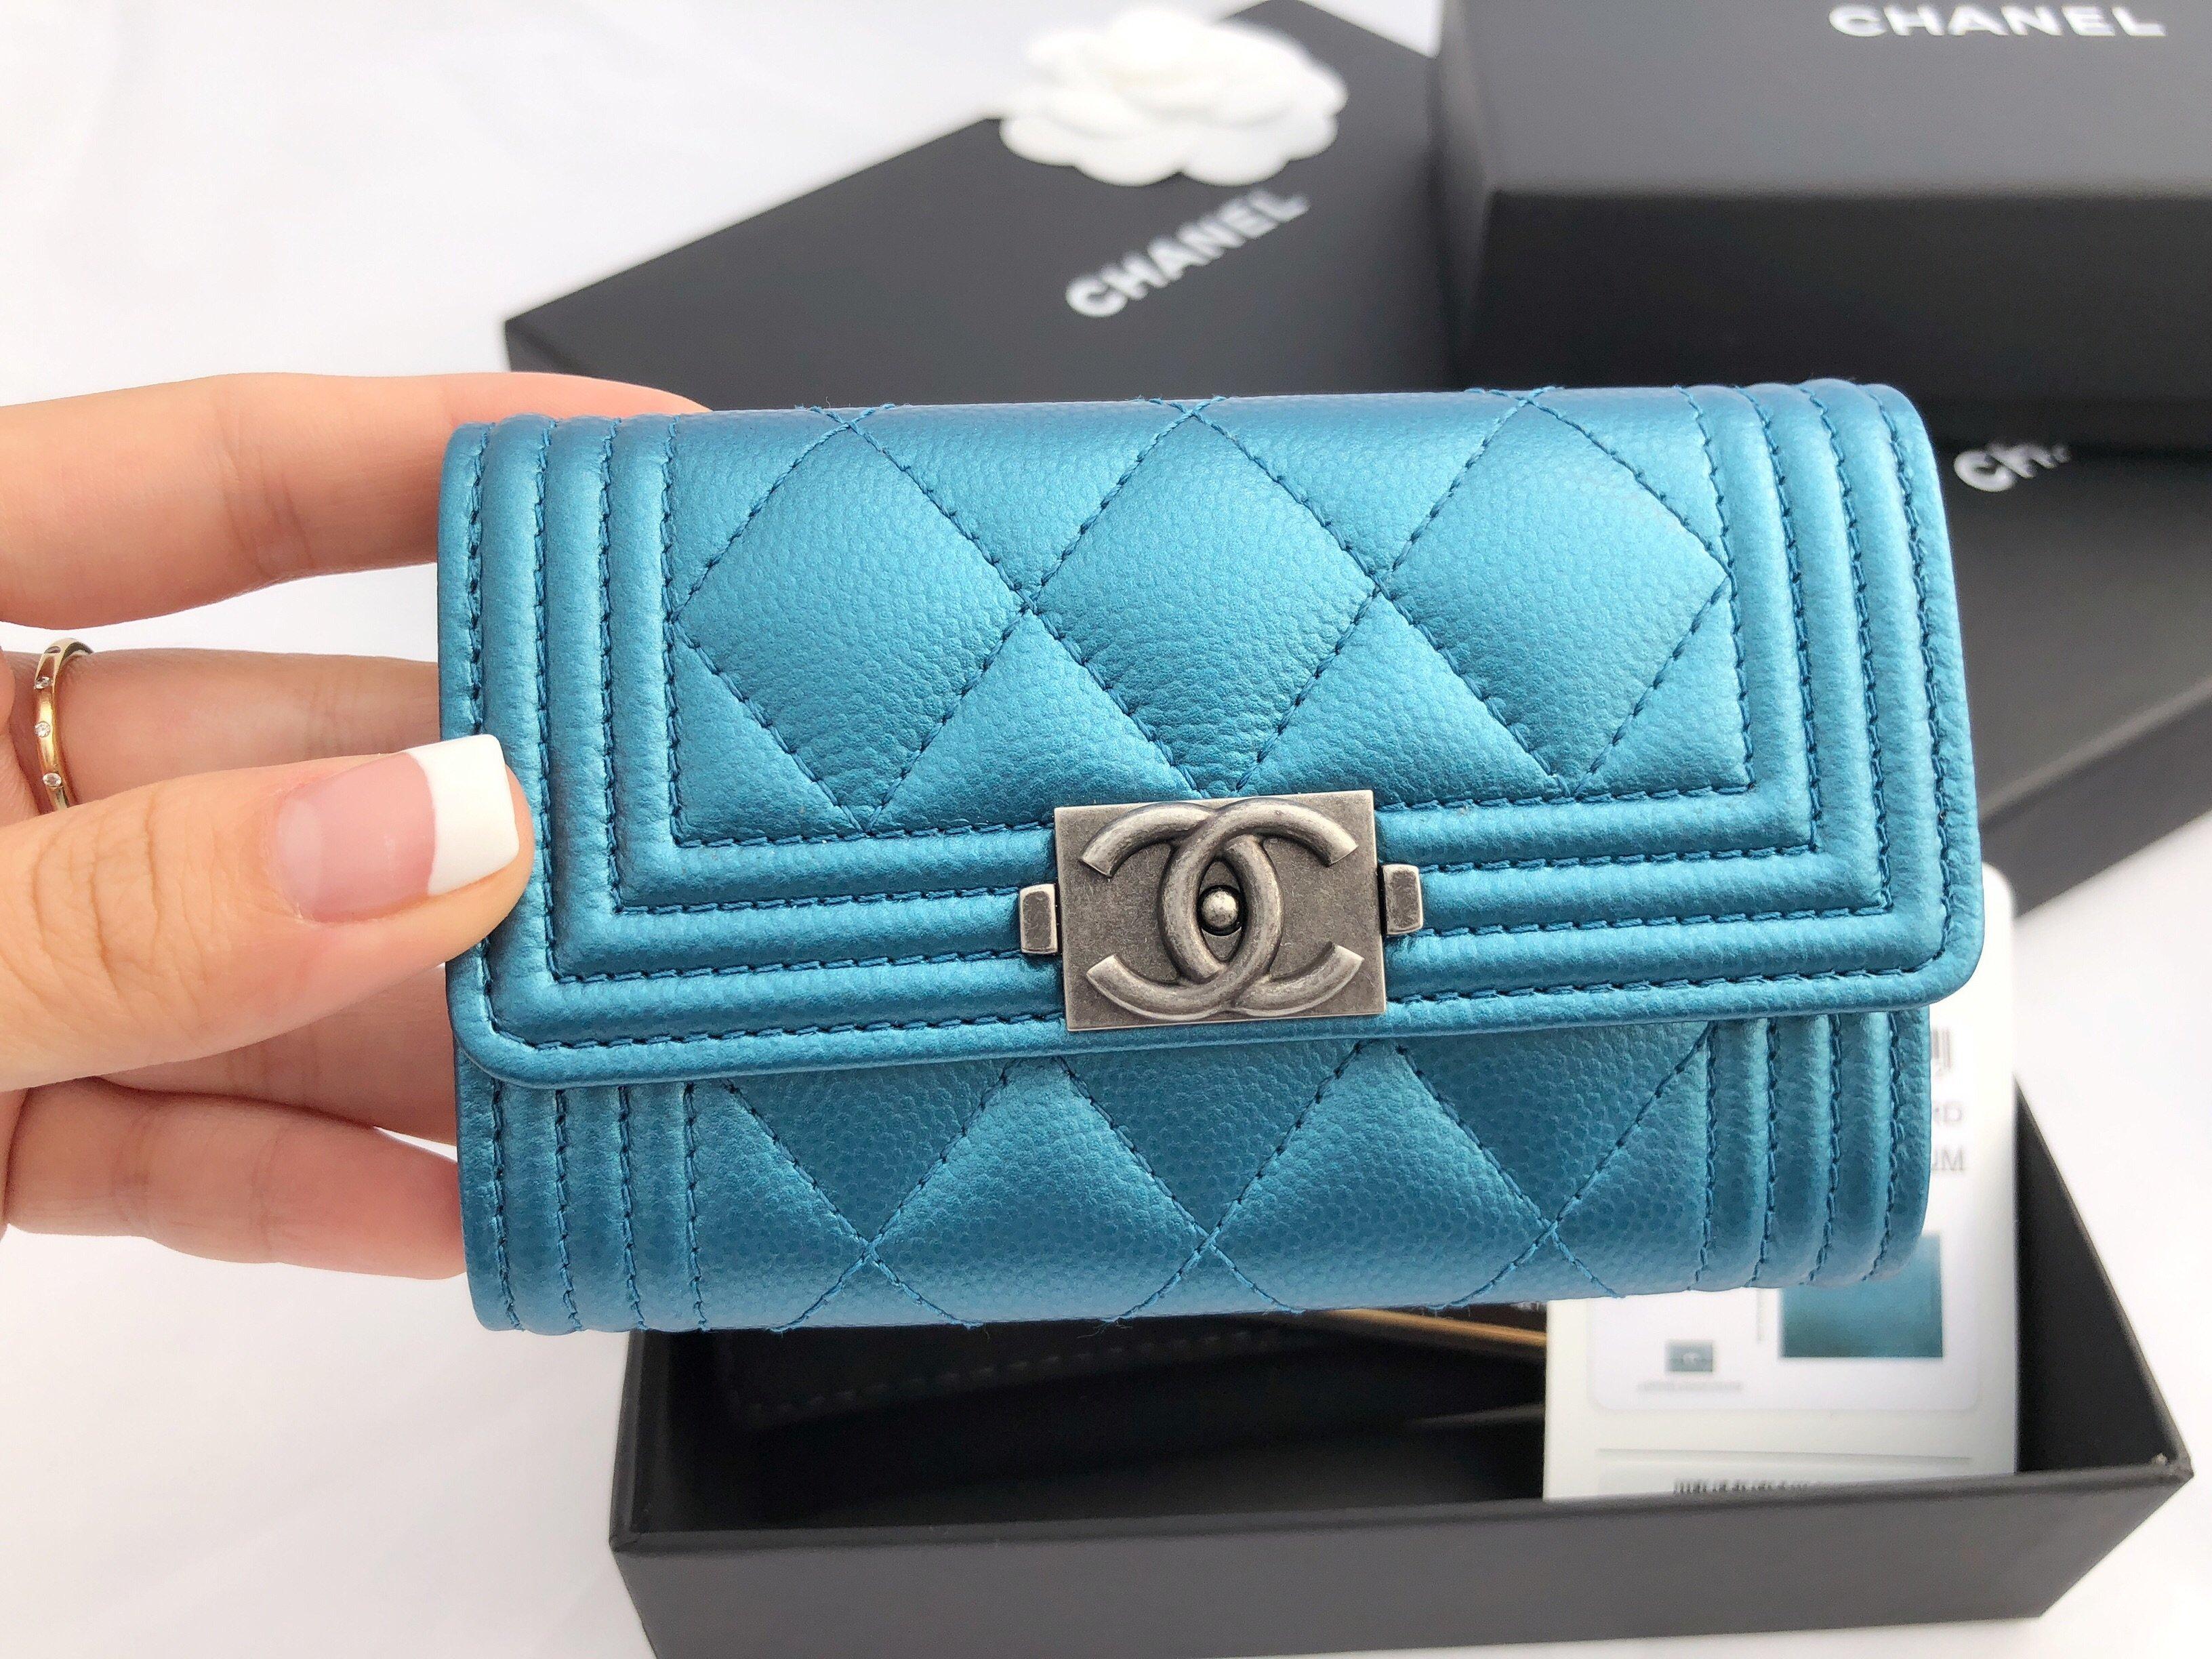 9745394576f5f4 NWT Chanel Boy Caviar Flap Flat O Card Holder O Case Wallet Metallic  Turquoise